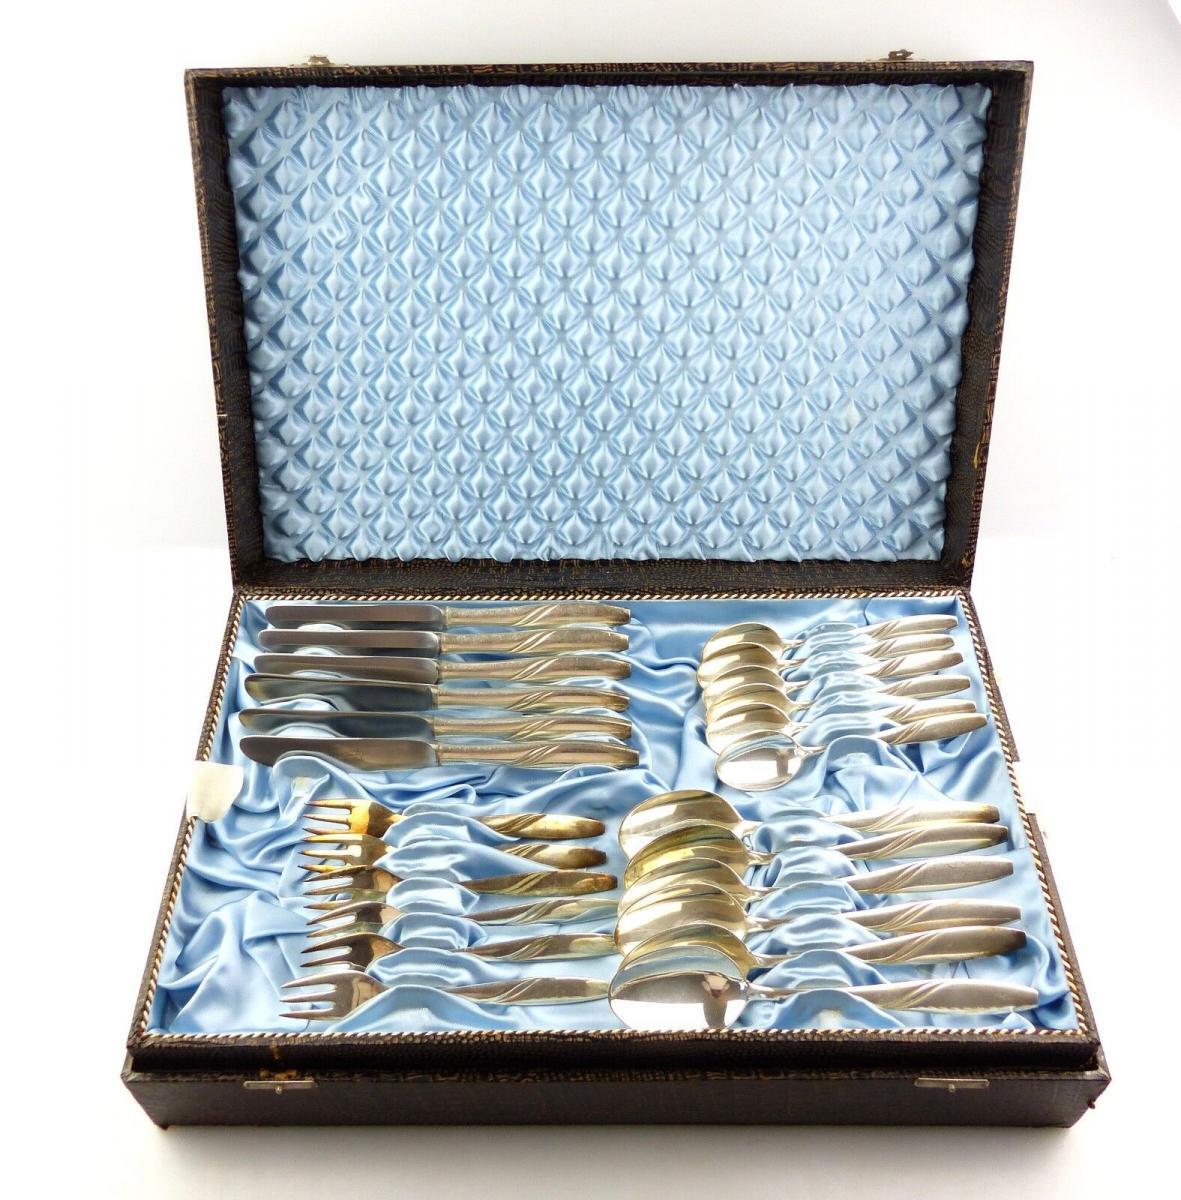 #e8437 48 teiliges Besteck 40er und 60er Silberauflage